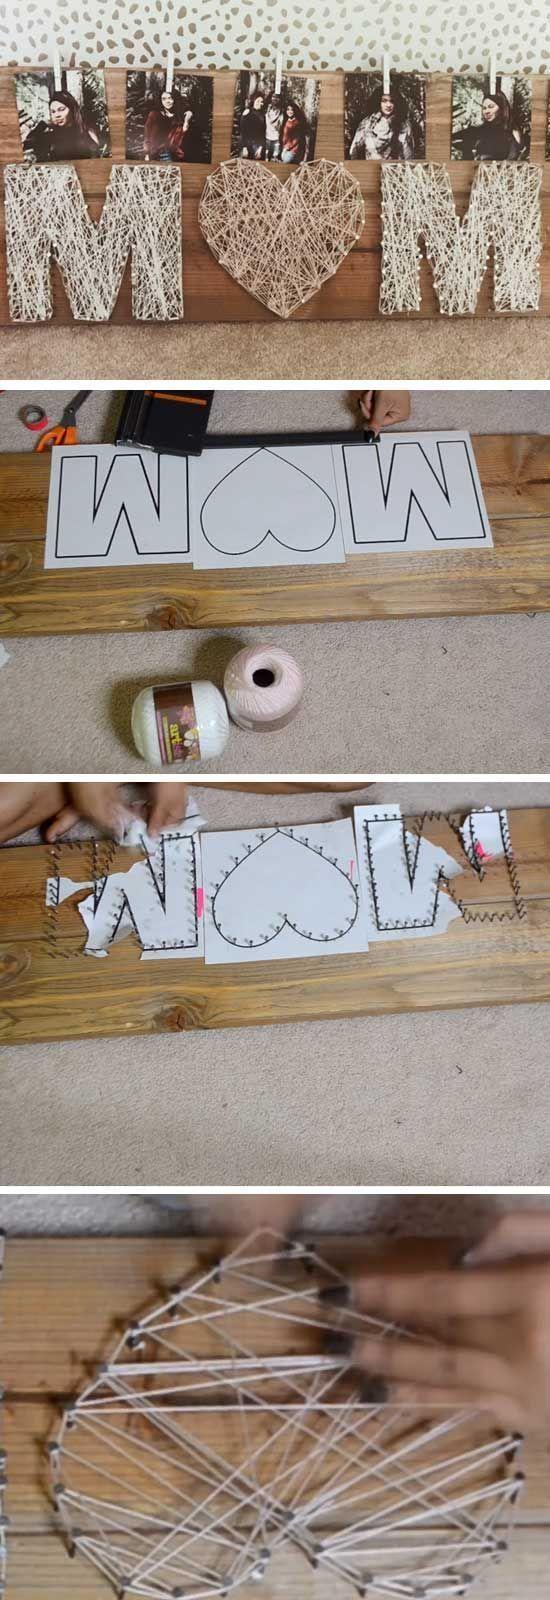 super DIY Mutter-Tagesschnur-Kunst-Geschenkidee von der Tochter #basteln #deko ….